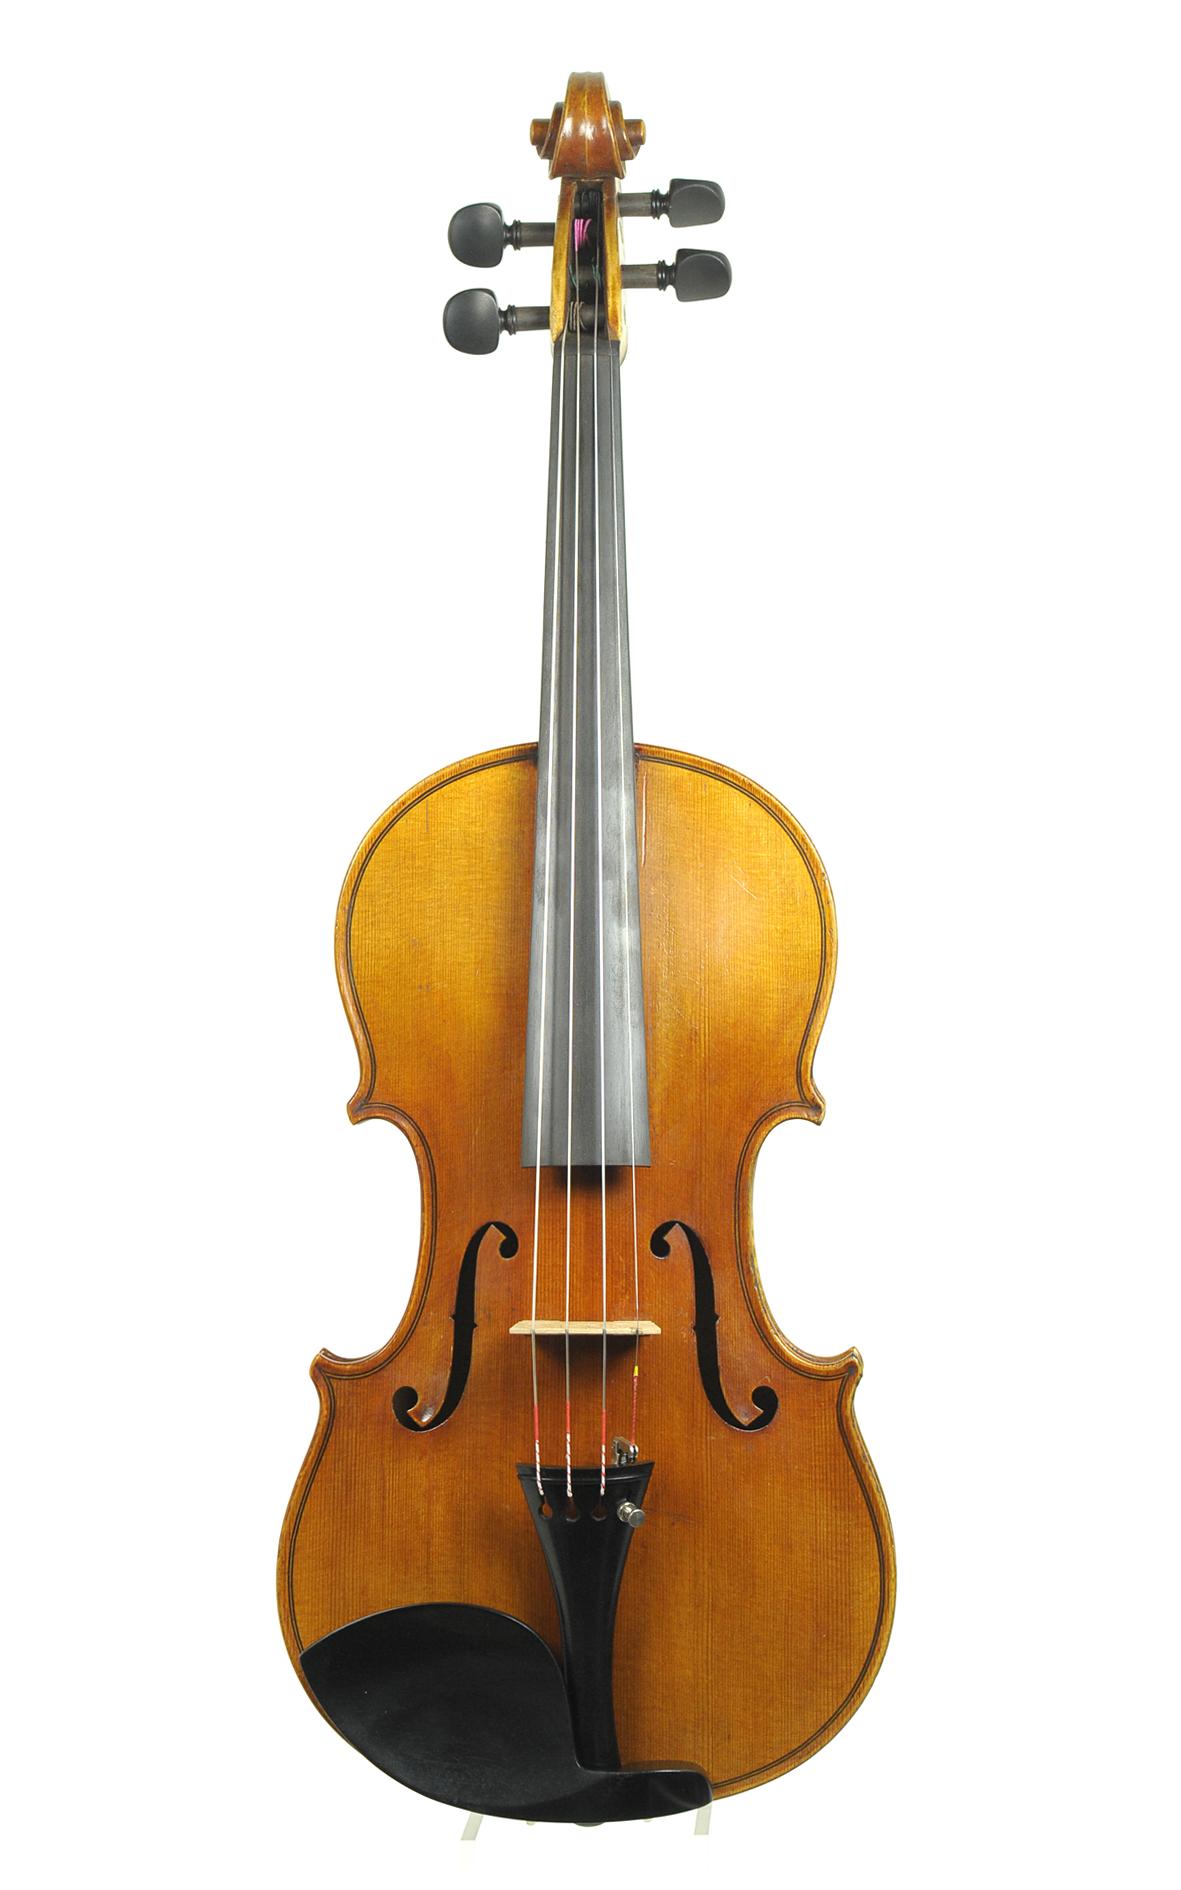 Amerikanische Geige von Marinus Petersen, Chicago